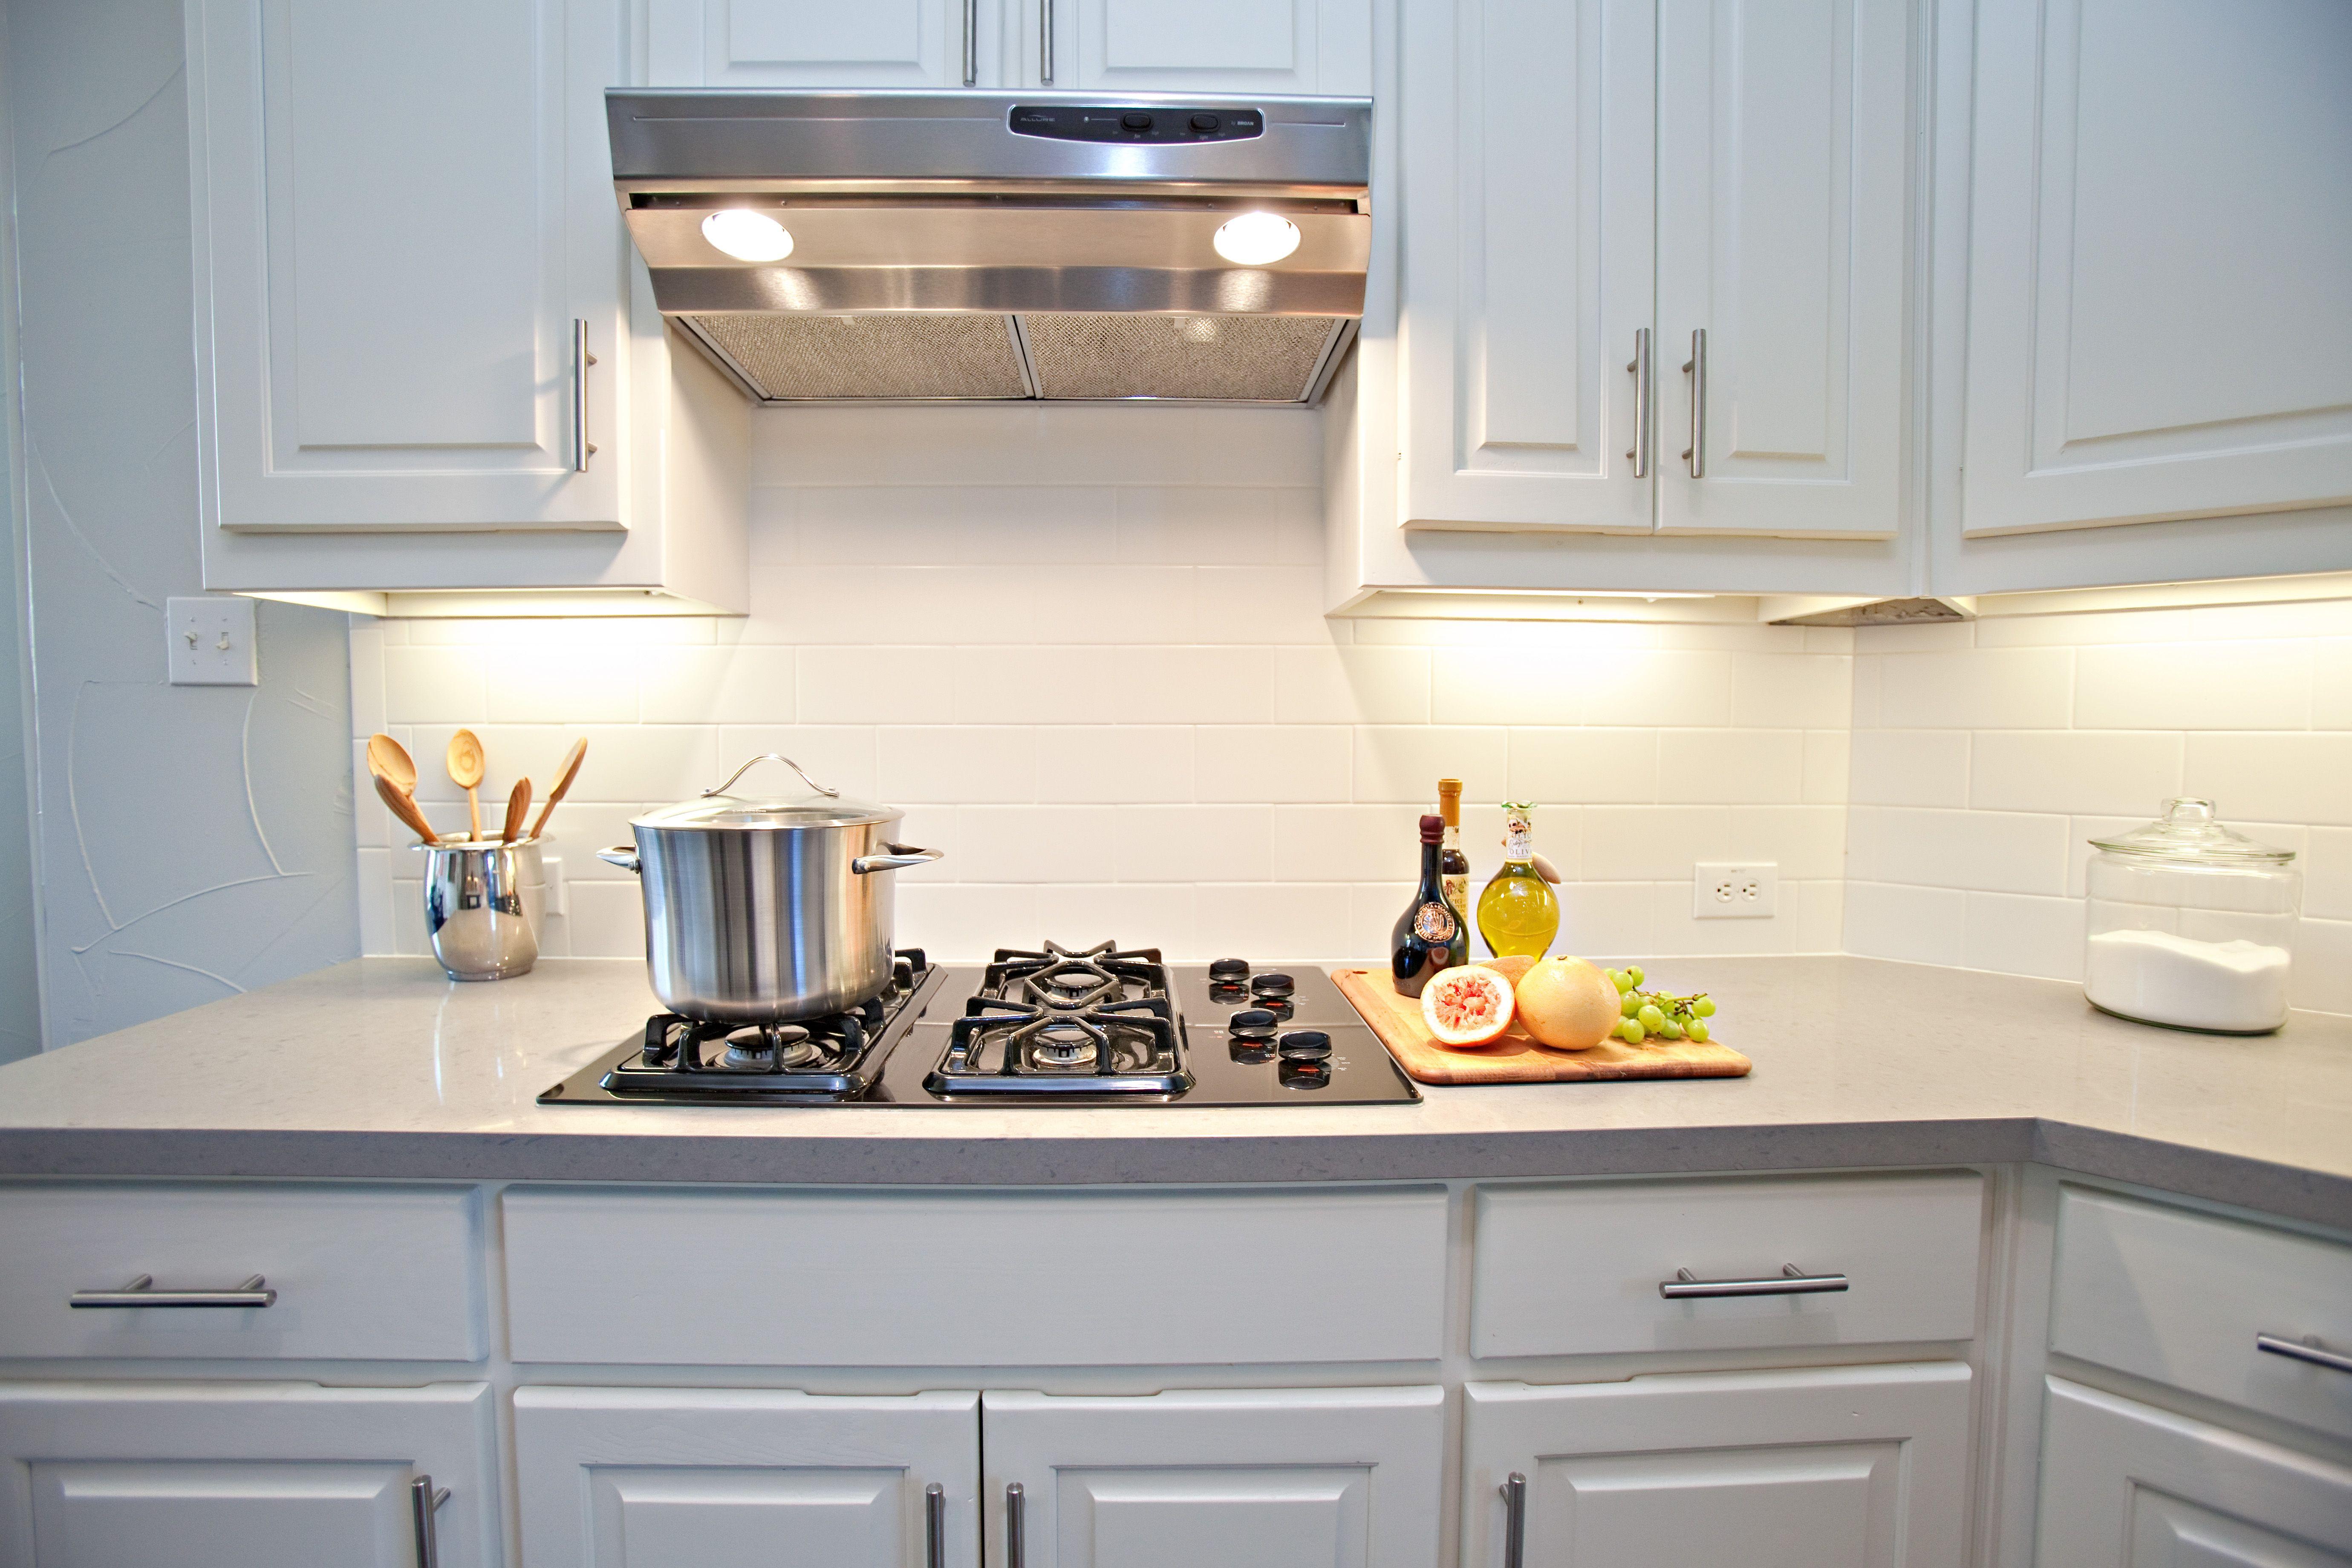 backsplashes for white kitchens from Kitchen Tile